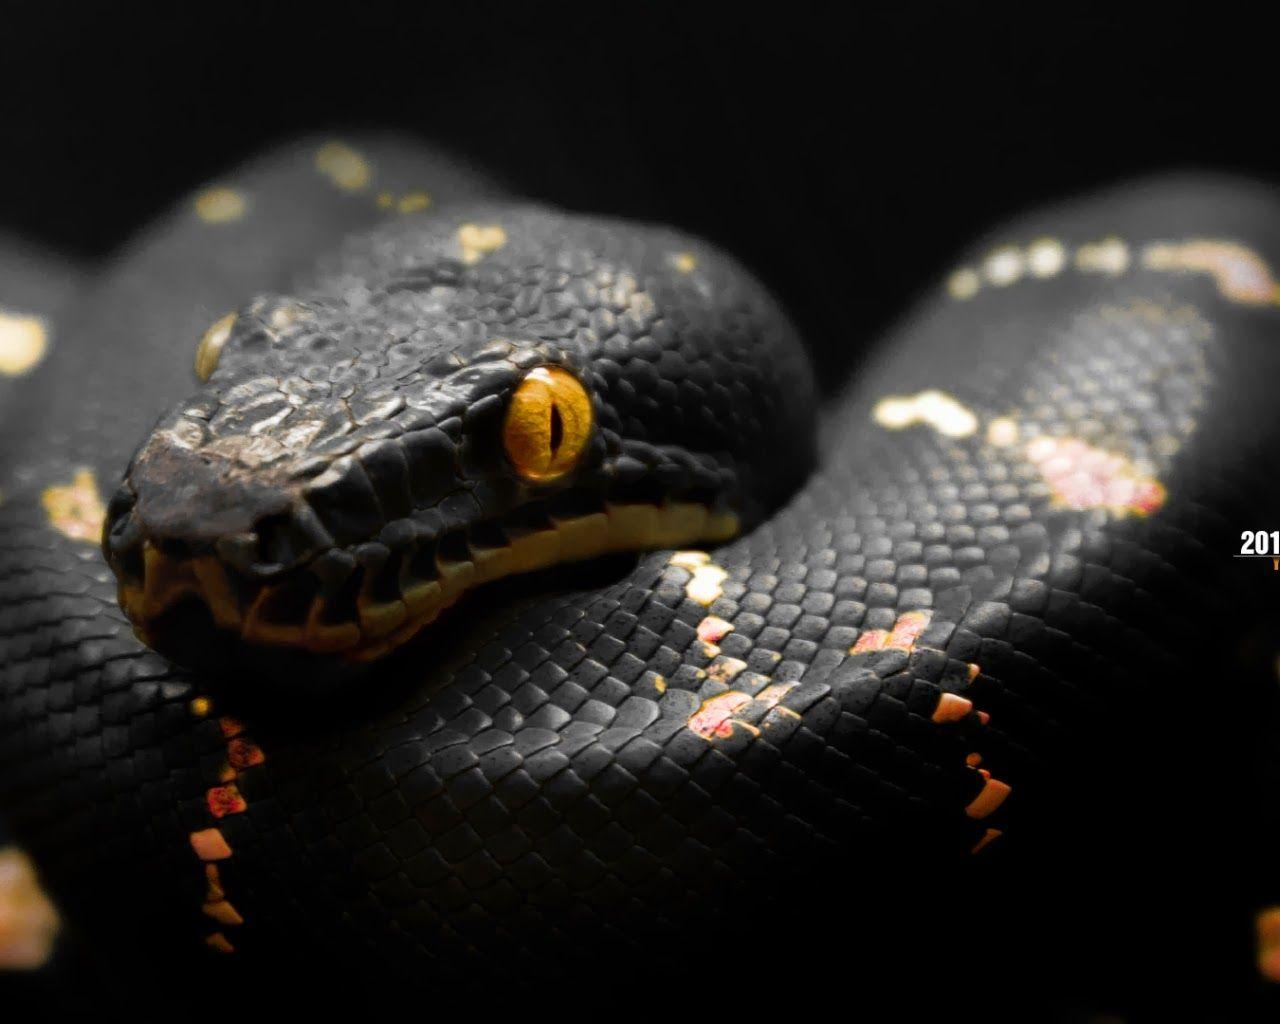 Snakes High Quality Wallpapers Snake wallpaper, Snake